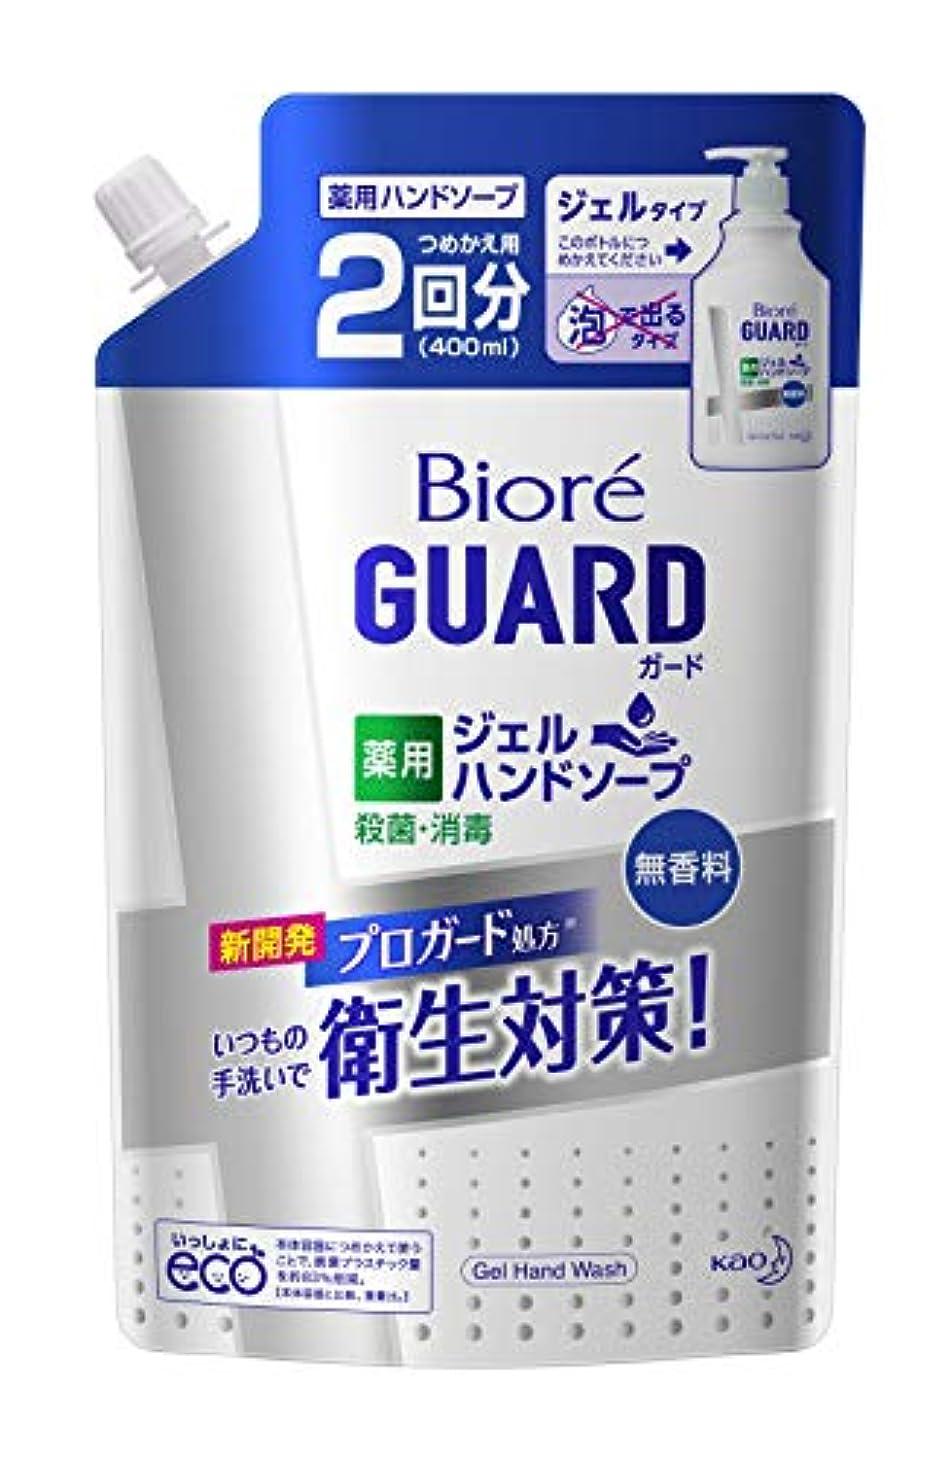 受粉する組み合わせ出くわすビオレ GUARD ハンドジェルソープ つめかえ用 無香料 400ml